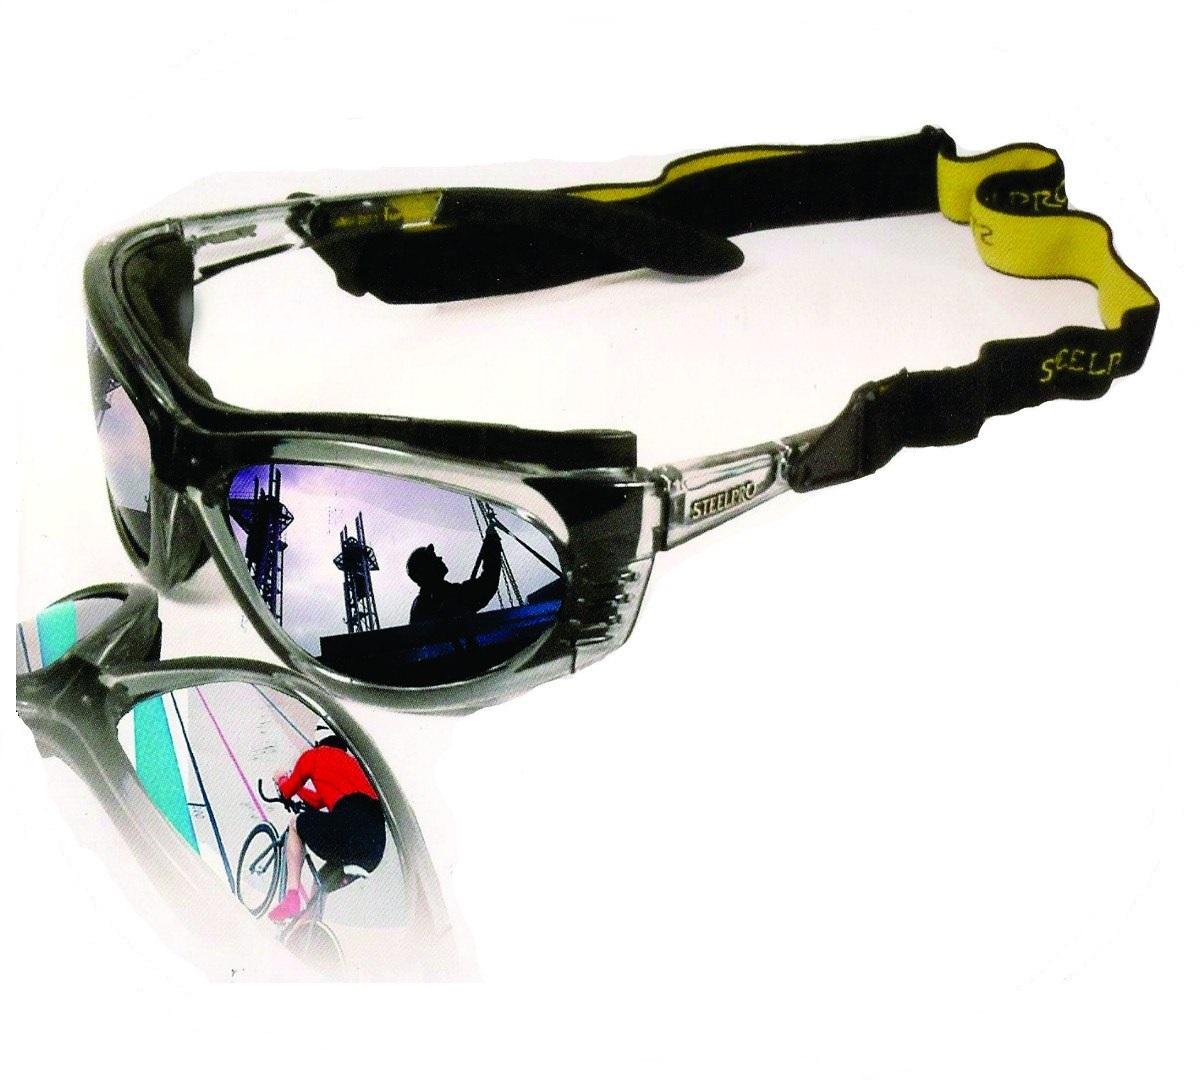 Óculos Steelpro Turbine Lente Incolor Esportes  - Casafaz